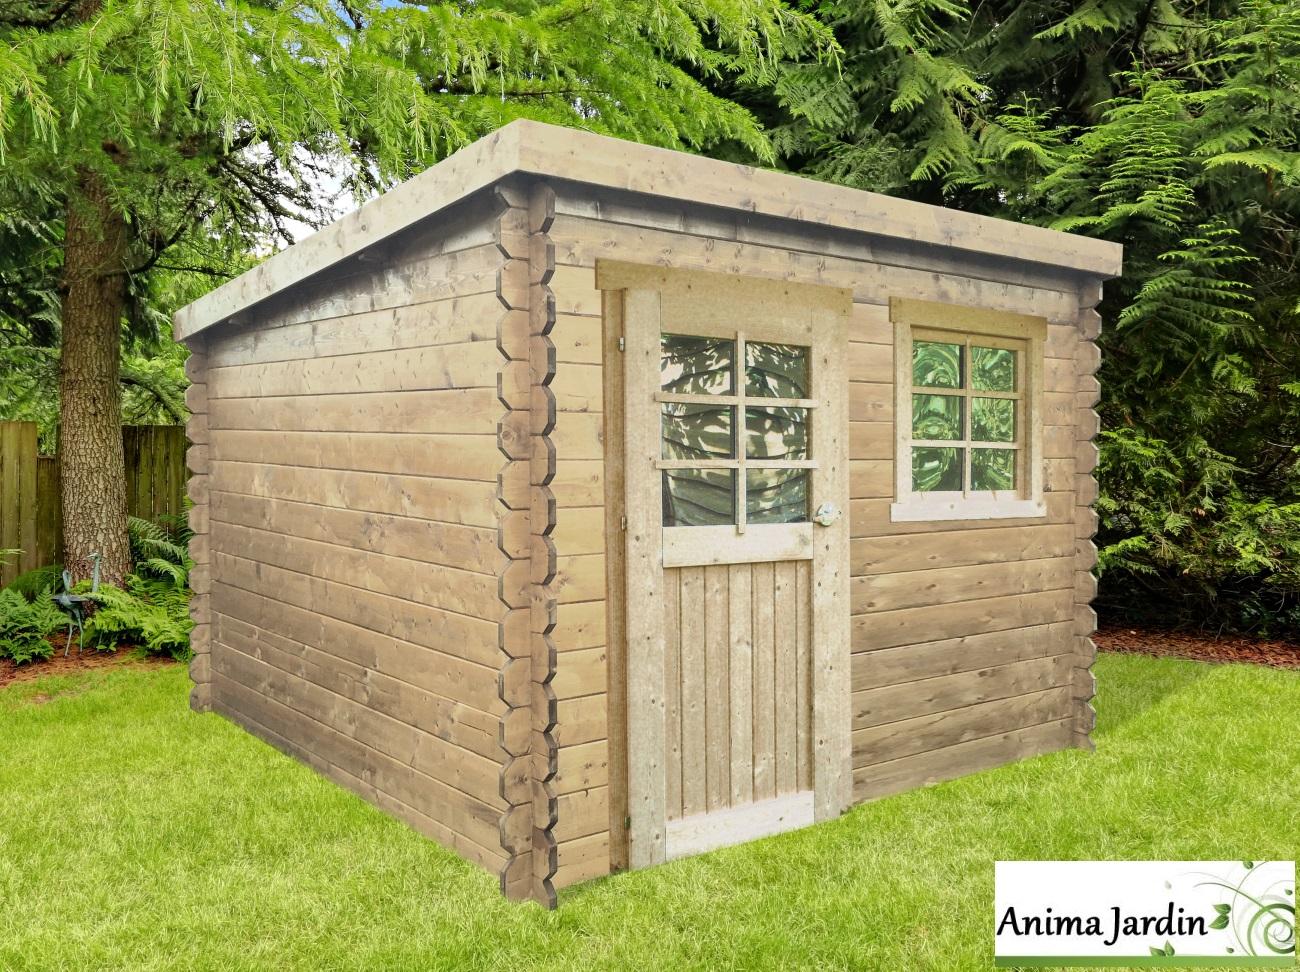 Grande Cabane De Jardin Pas Cher abri de jardin en bois 28mm, nevers, 5m², 1 portes, chalet